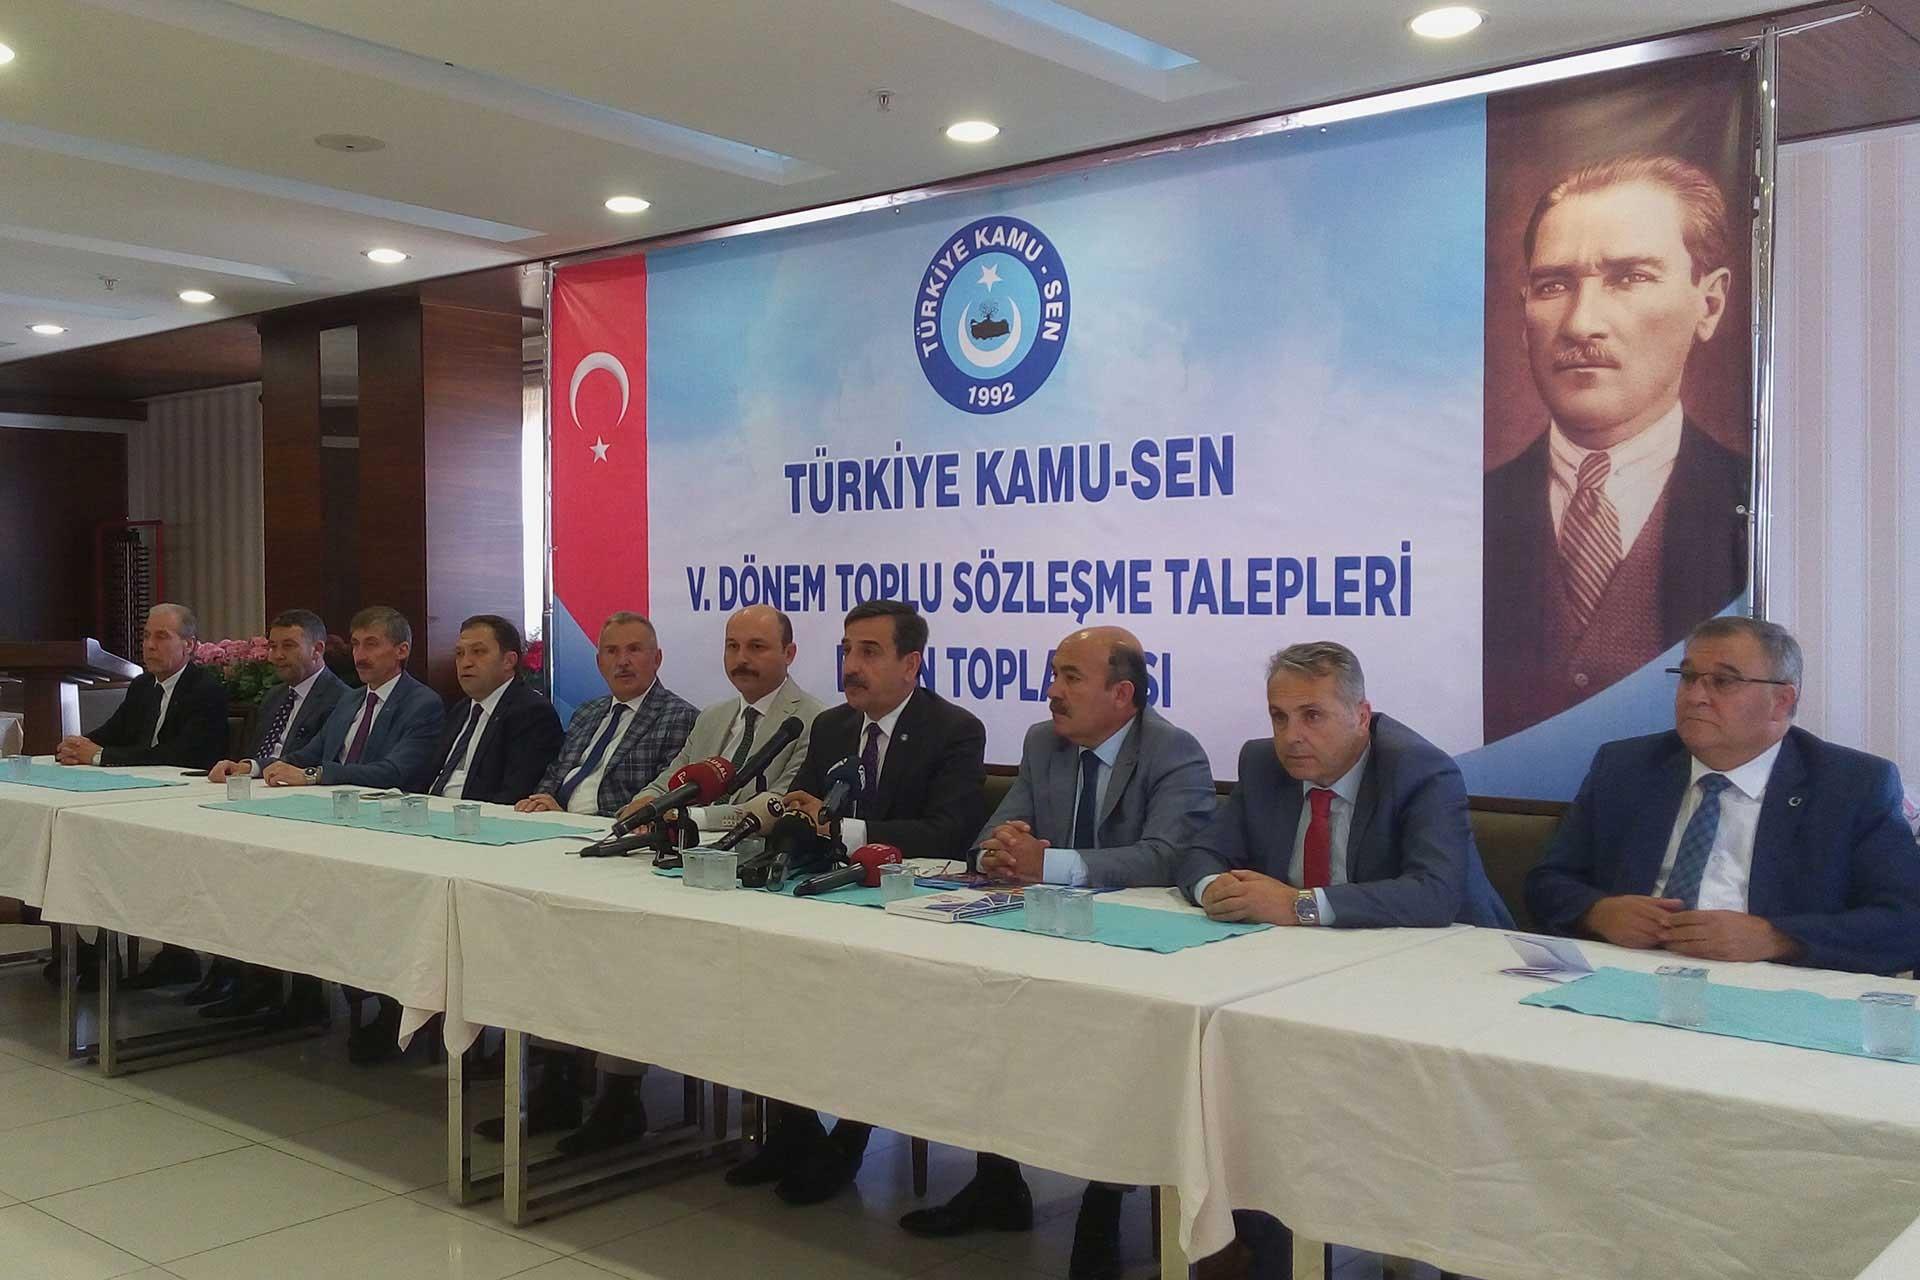 Kamu-Sen TİS taleplerini ilan etti: Hükümet, Türkiye gerçeklerini görsün